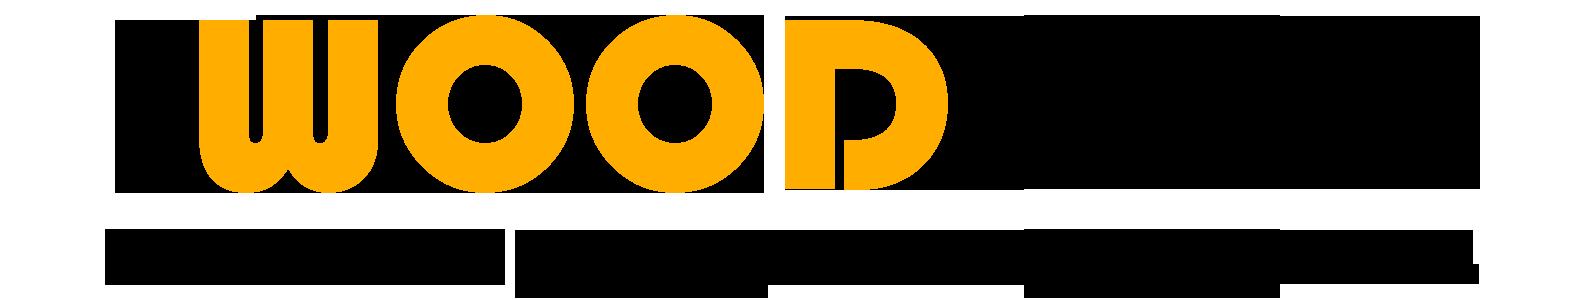 IWOODPLAY